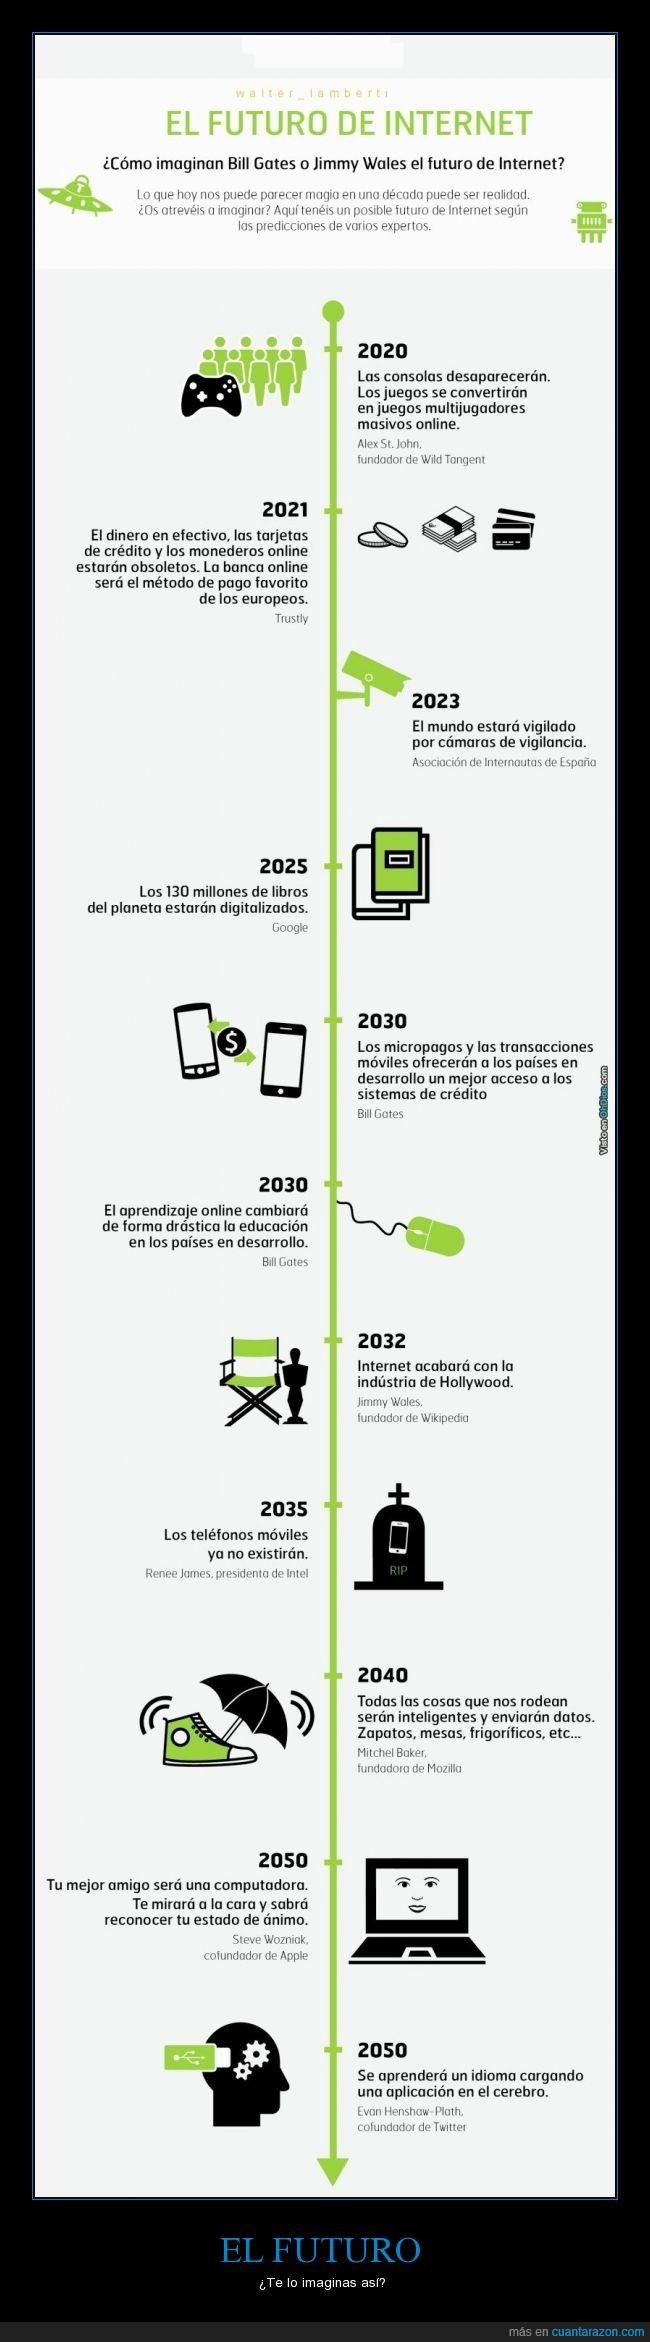 años,consola,creditos,Futuro,internet,inventos,previsión,telefonos